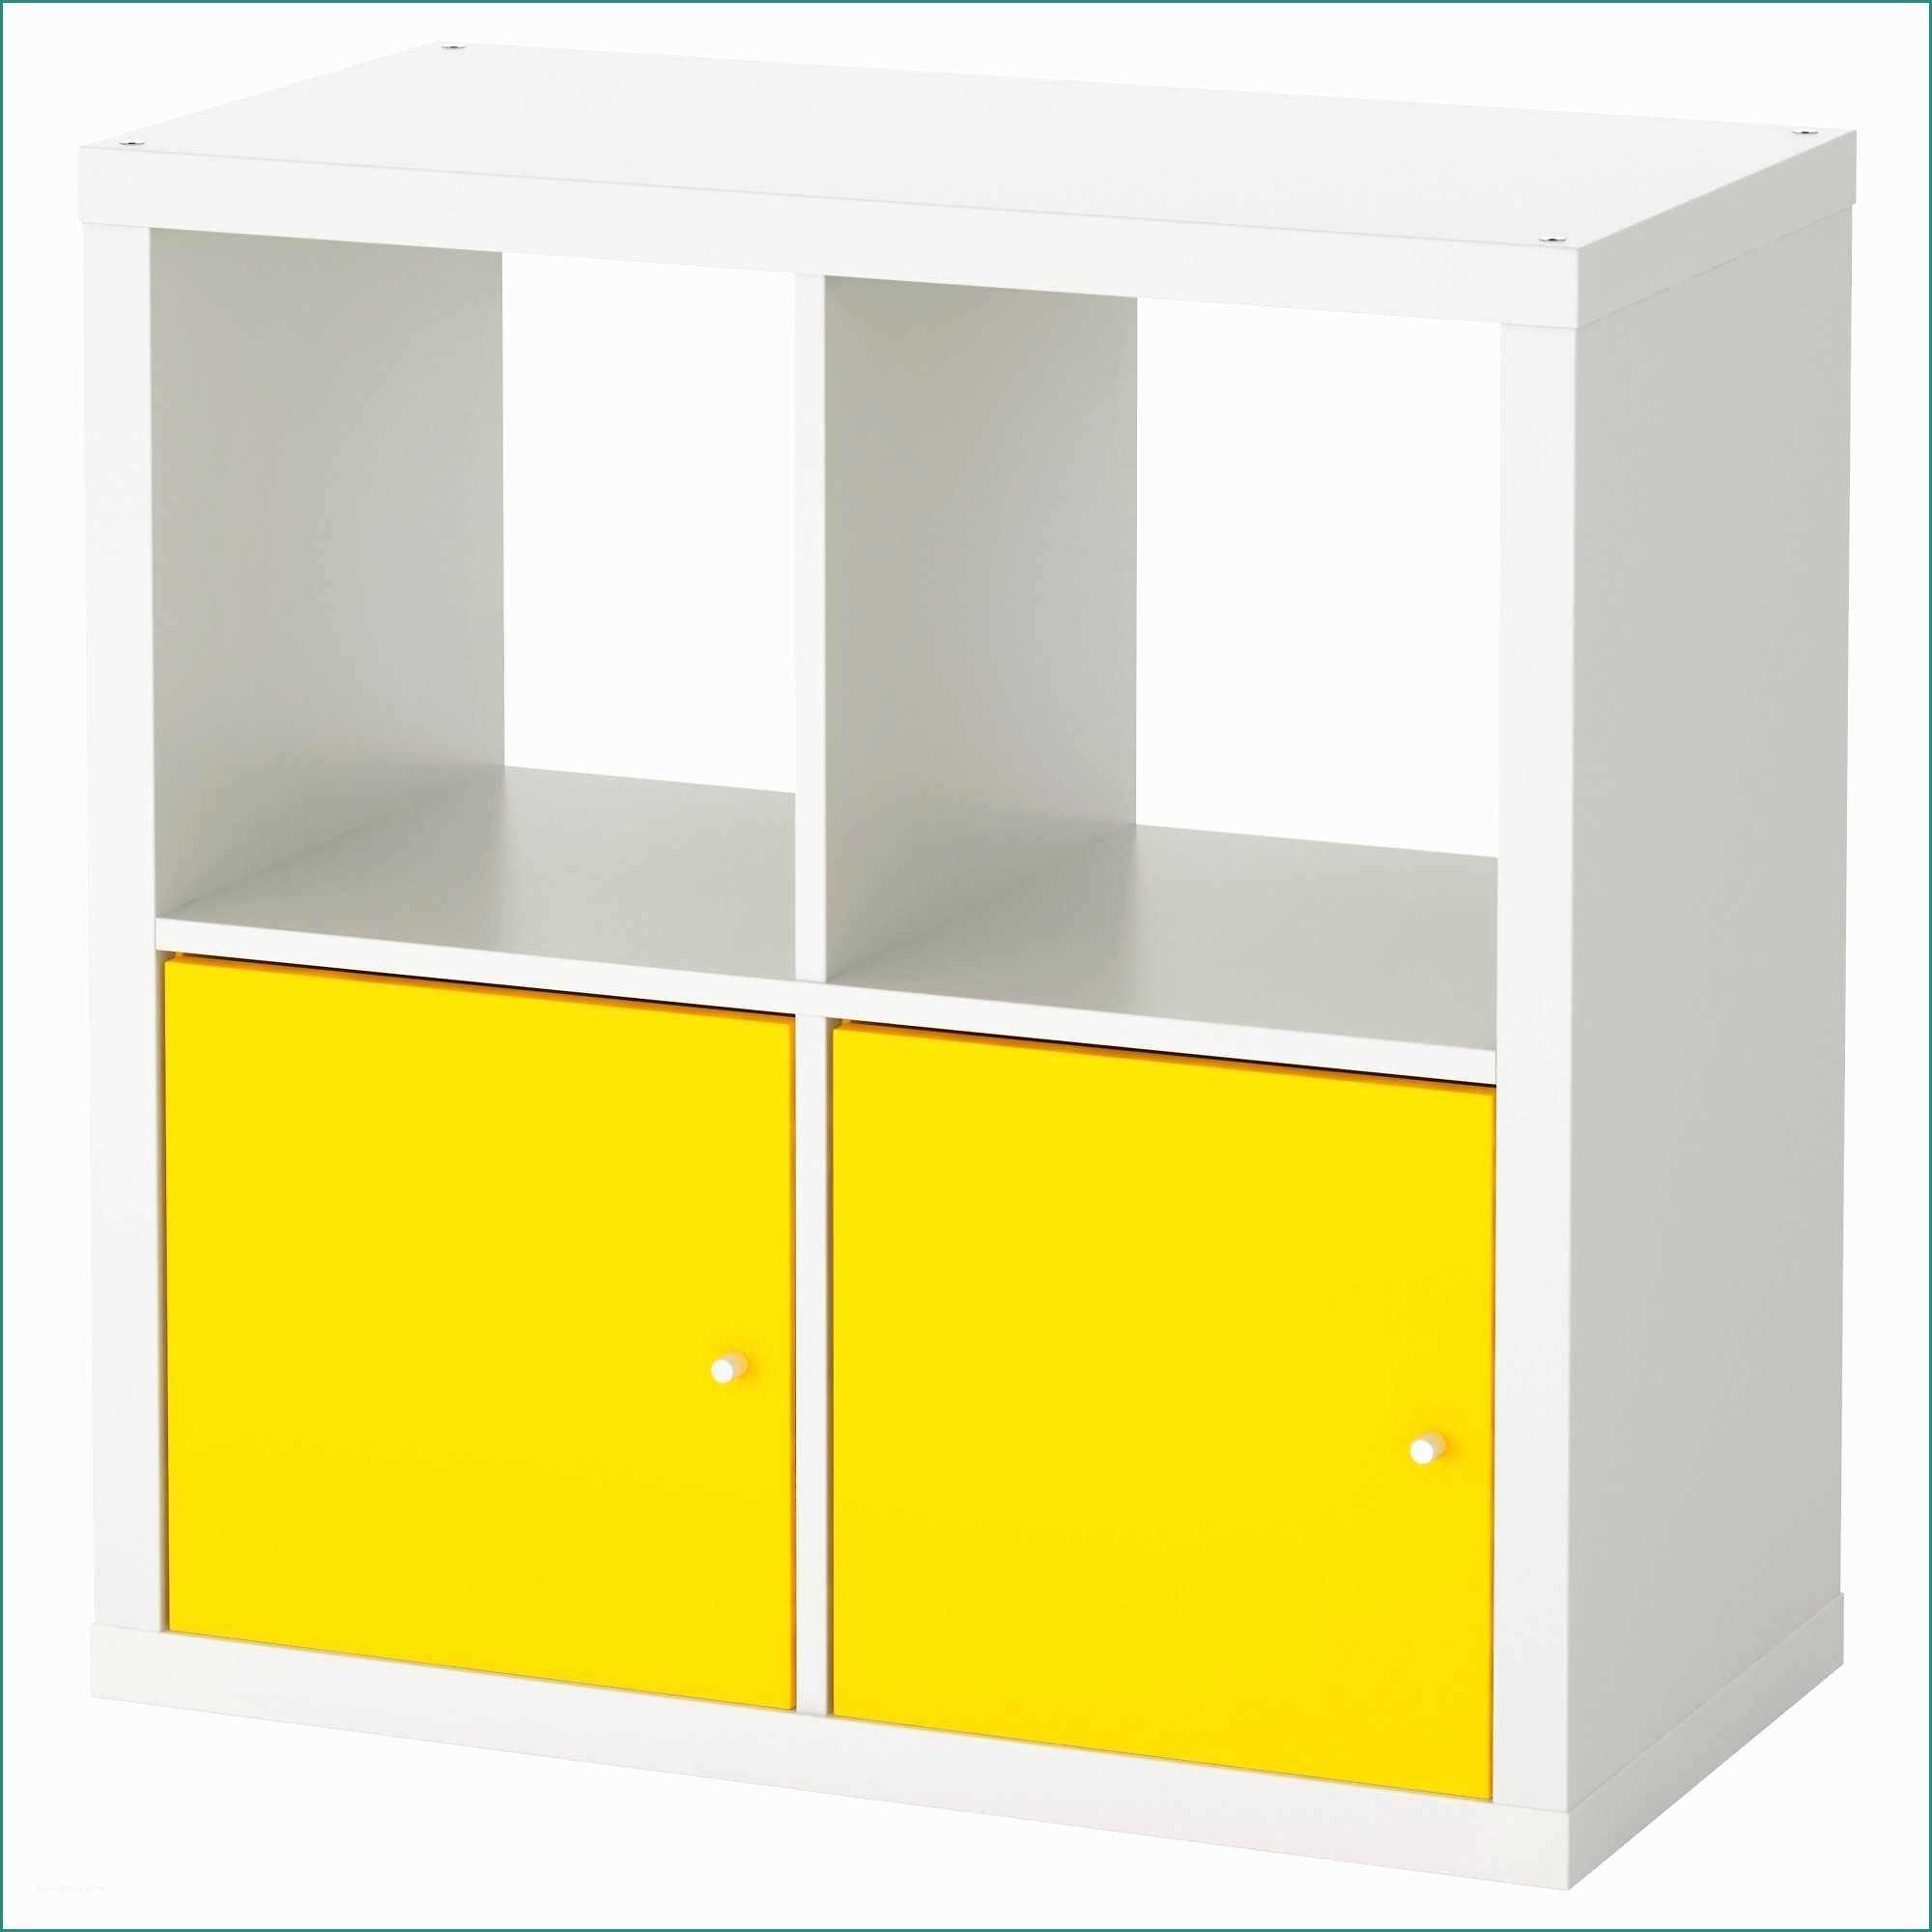 Full Size of Küchenrückwand Ikea Betten Bei Küche Kosten Modulküche Sofa Mit Schlaffunktion 160x200 Miniküche Kaufen Wohnzimmer Küchenrückwand Ikea